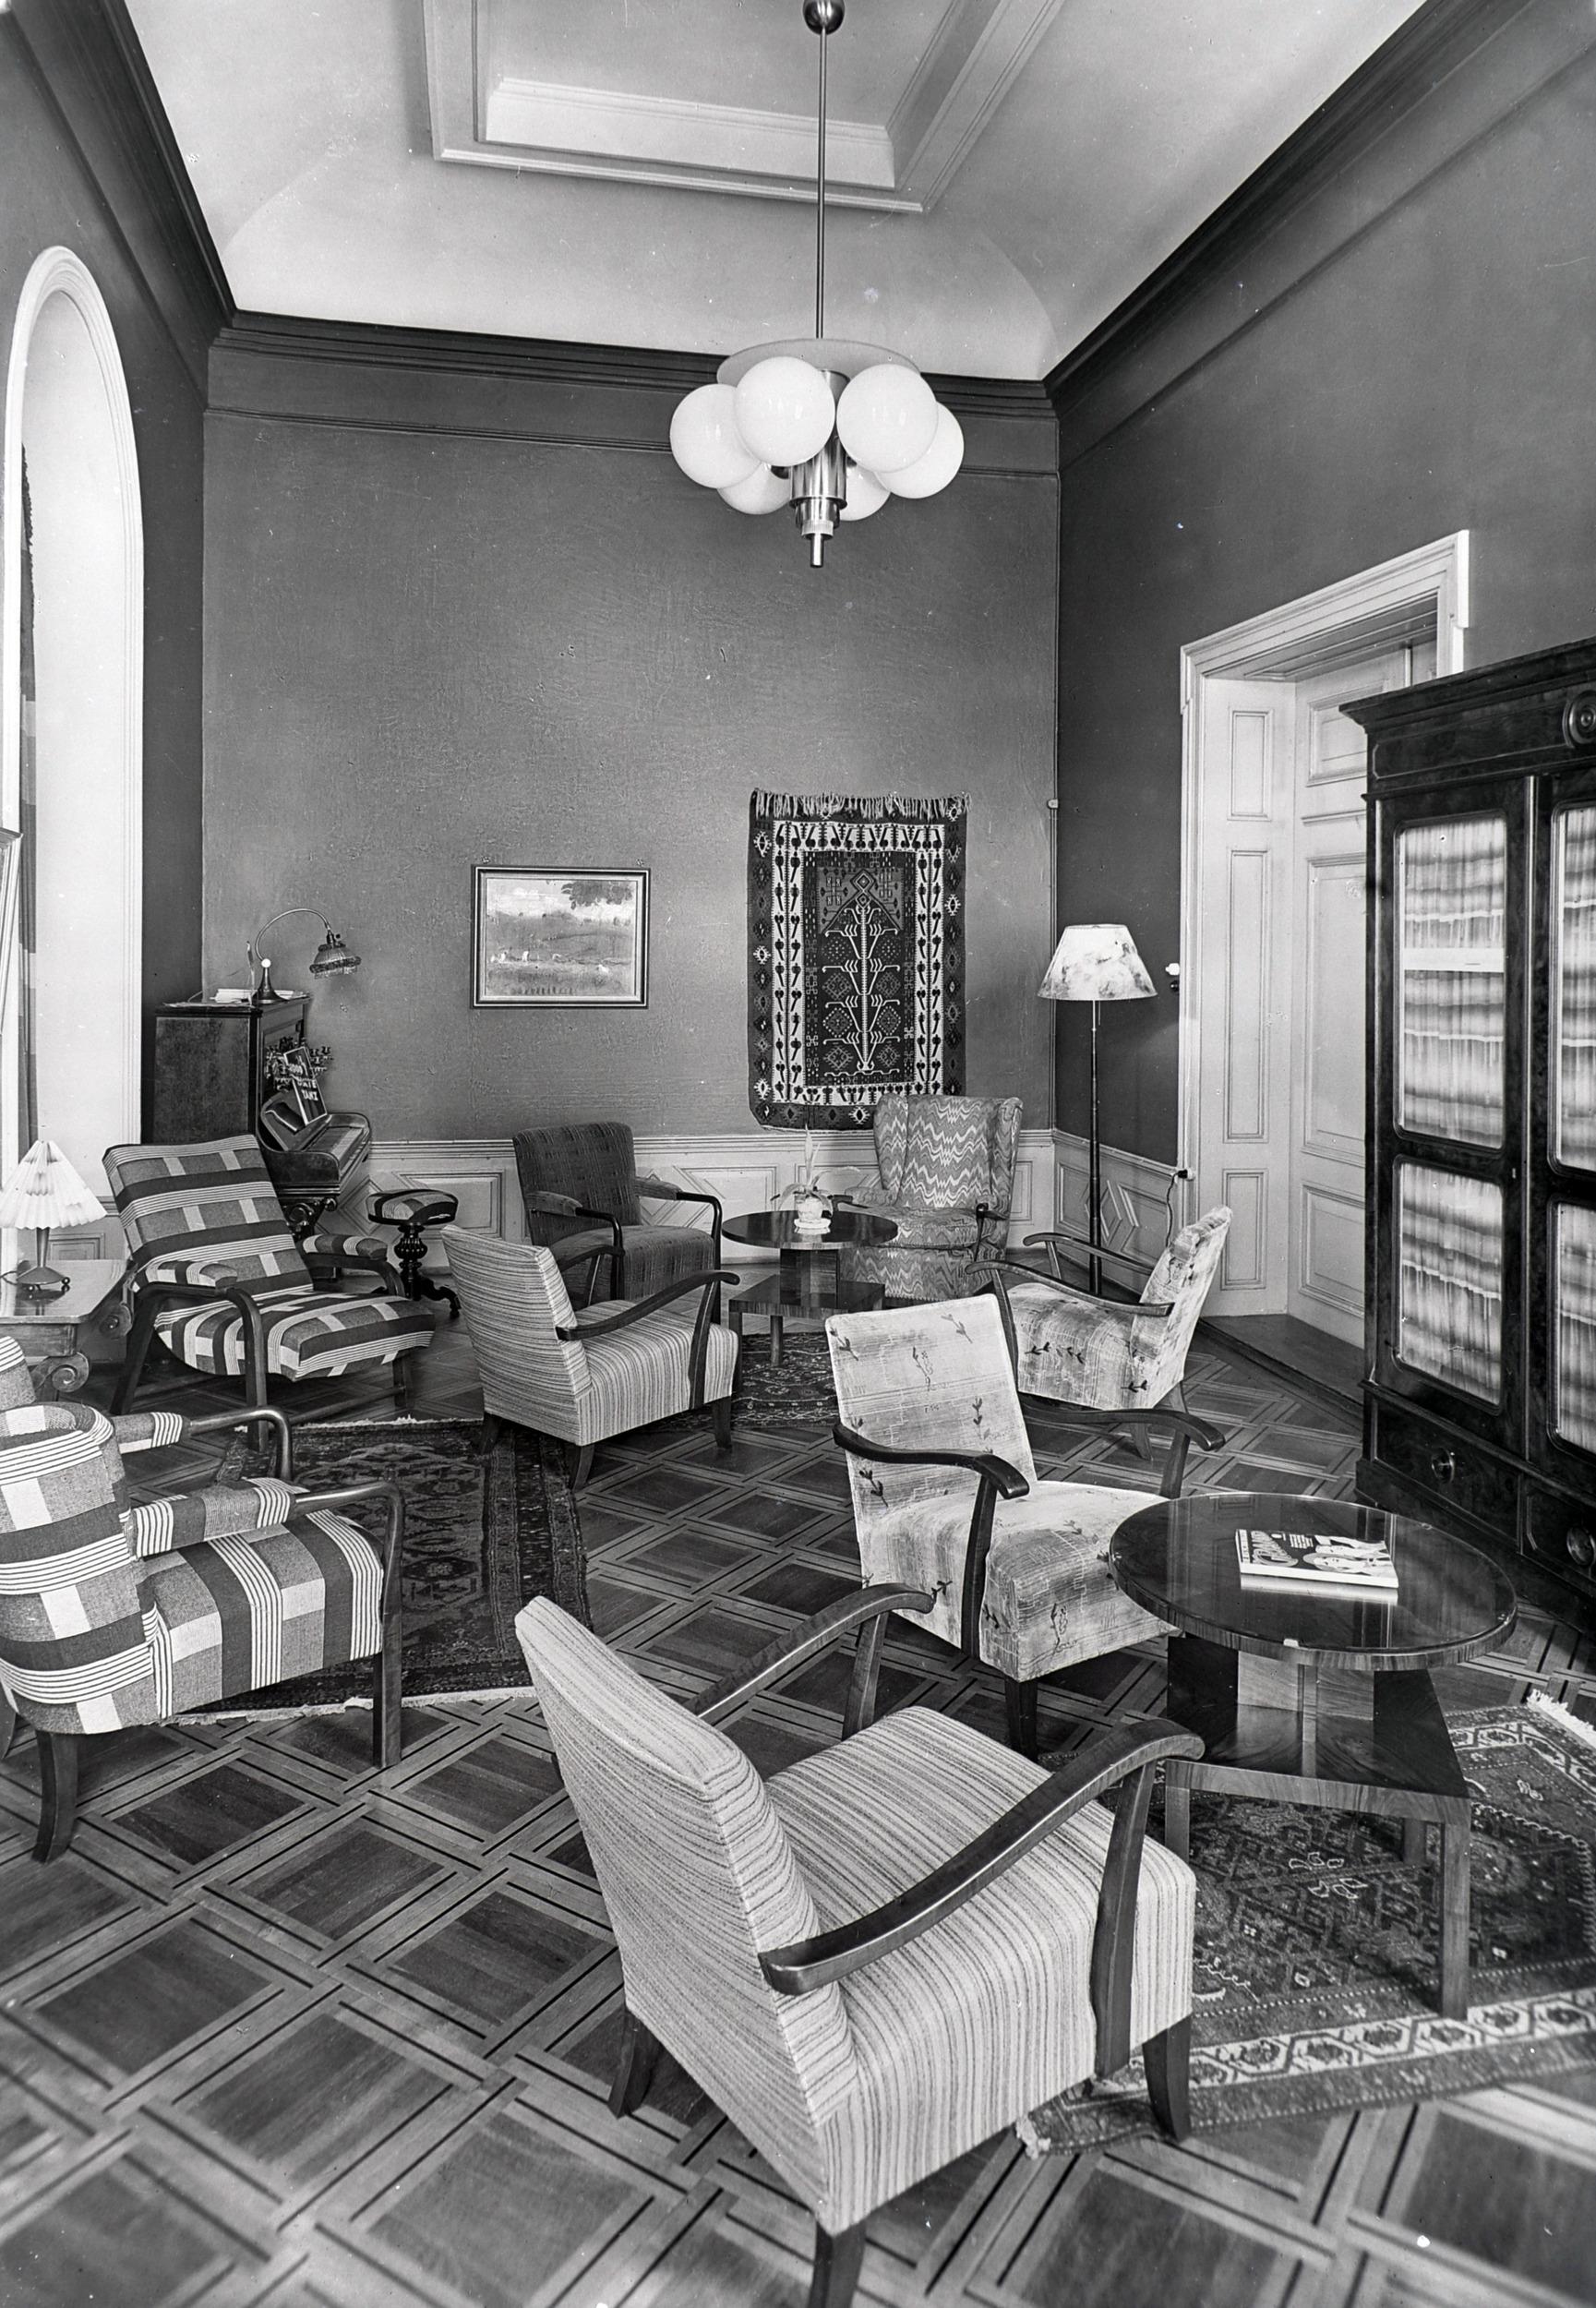 Der Damensalon Mitte des 20. Jahrhunderts. Die Dekorationsmalereien sind verschwunden. Historisches Museum Baden, Glasnegative, Q.11.1.12.27.